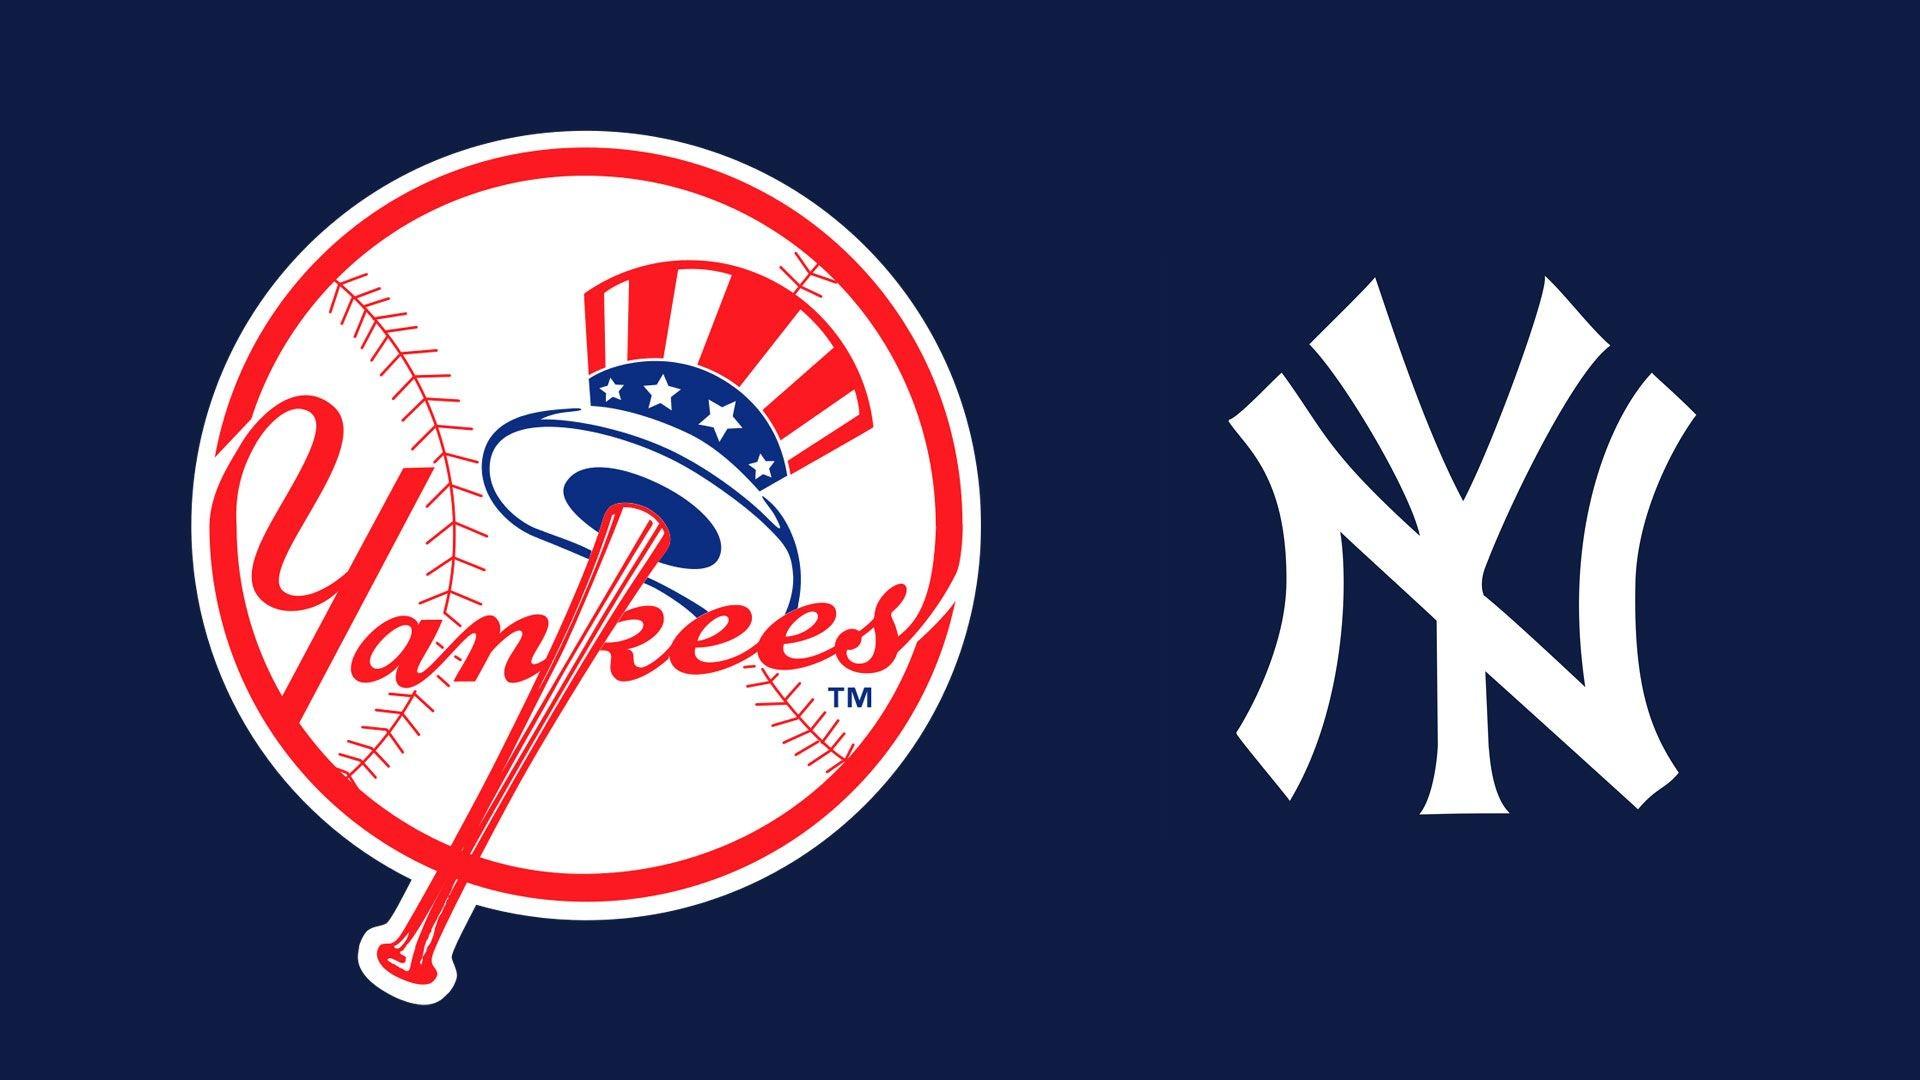 New york yankees wallpaper desktop 61 images 1920x1080 mlb new york yankees logo 1920x1080 full hd 169 wallpaper biocorpaavc